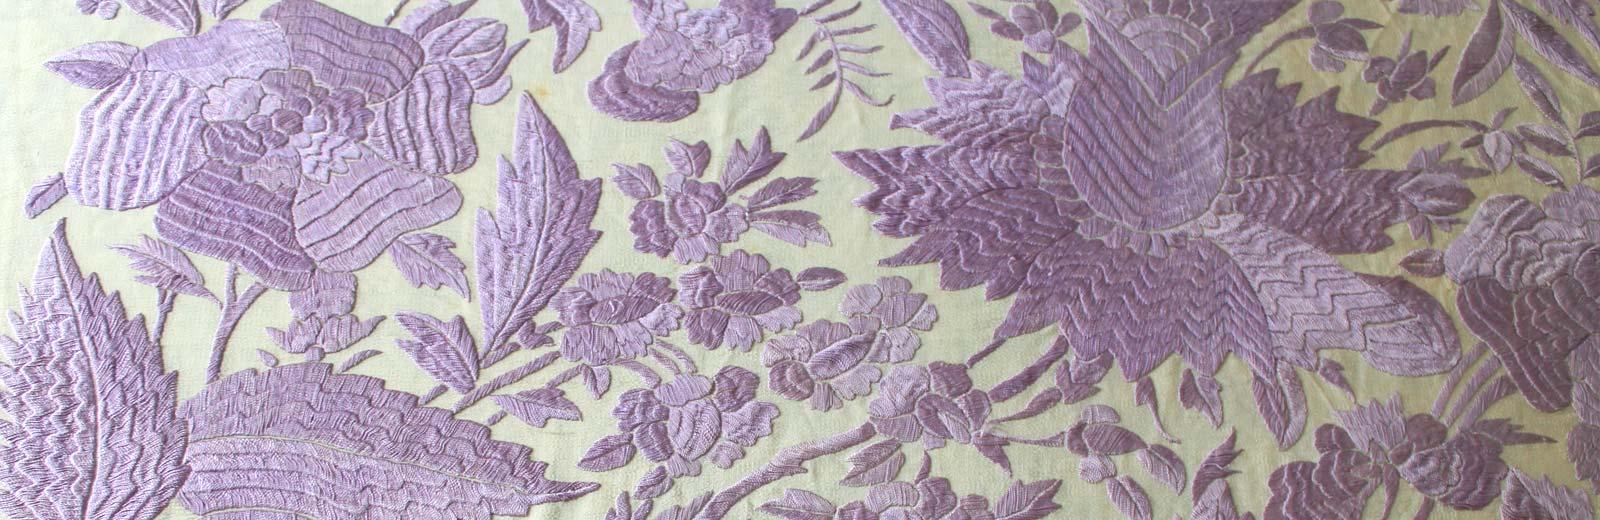 Mantón de manila antiguo